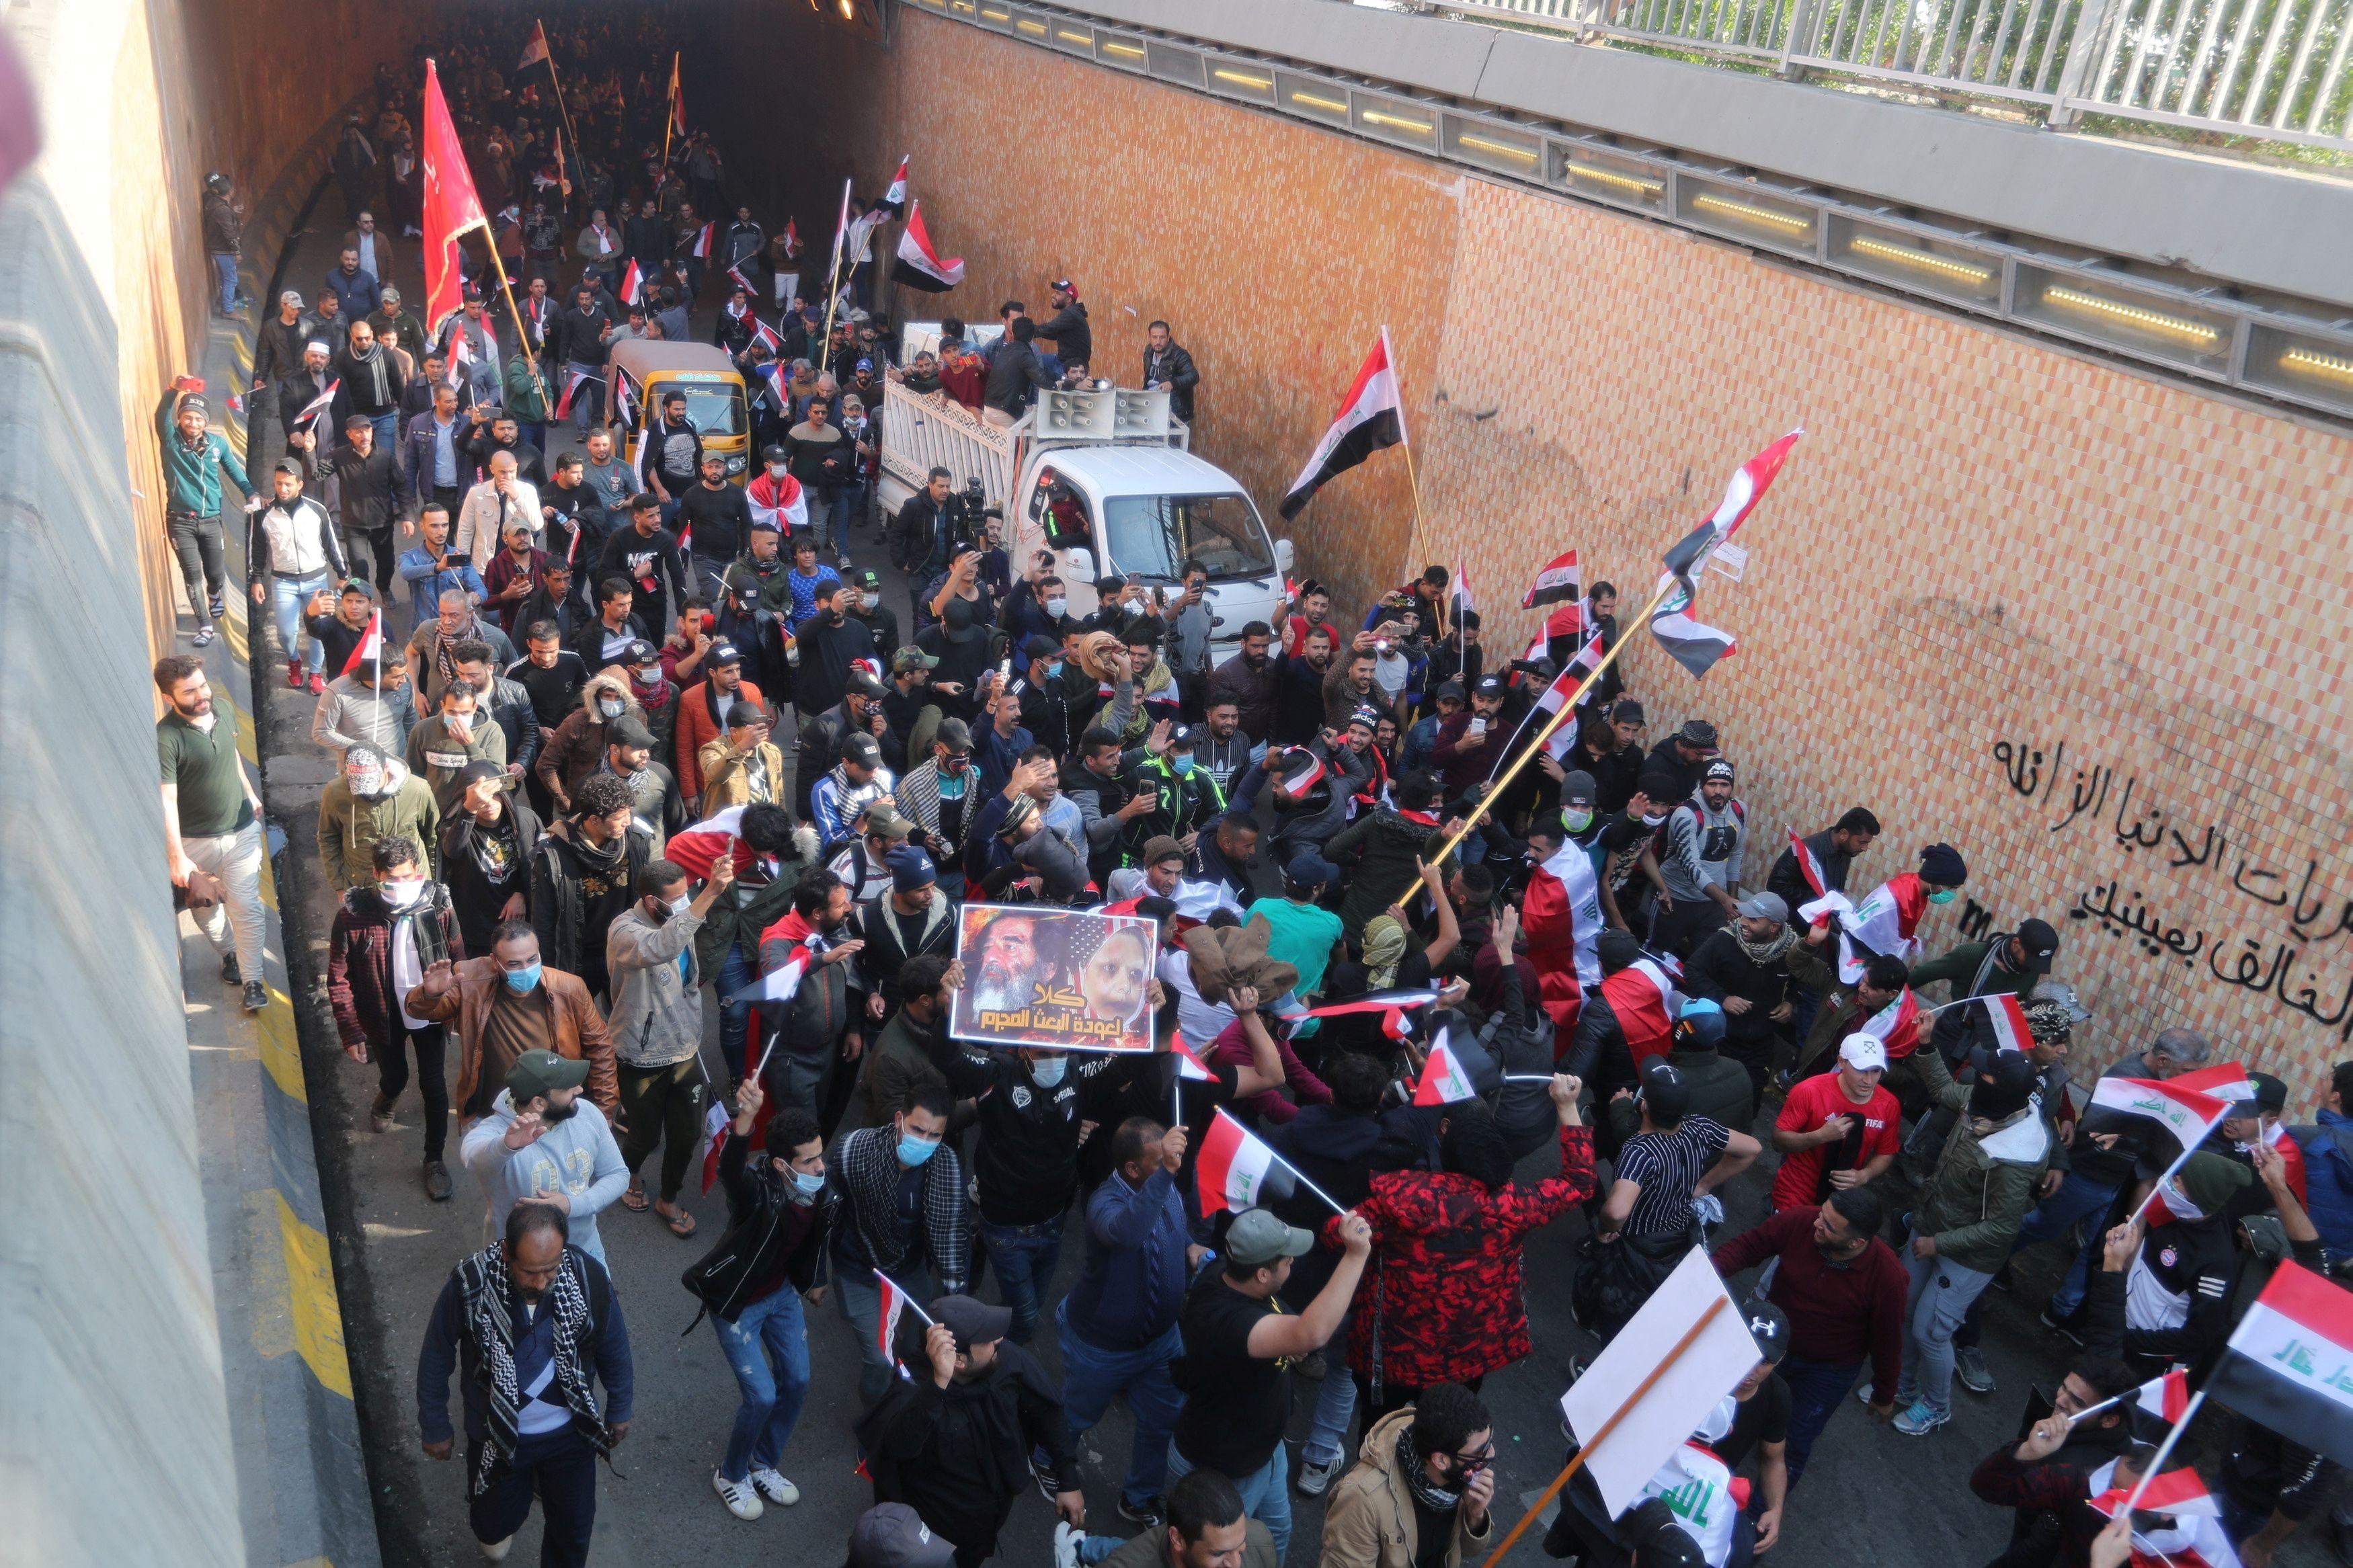 ▲▼伊拉克反政府示威至少440人死亡,示威民眾拿著亡者照片繼續遊行。(圖/路透)